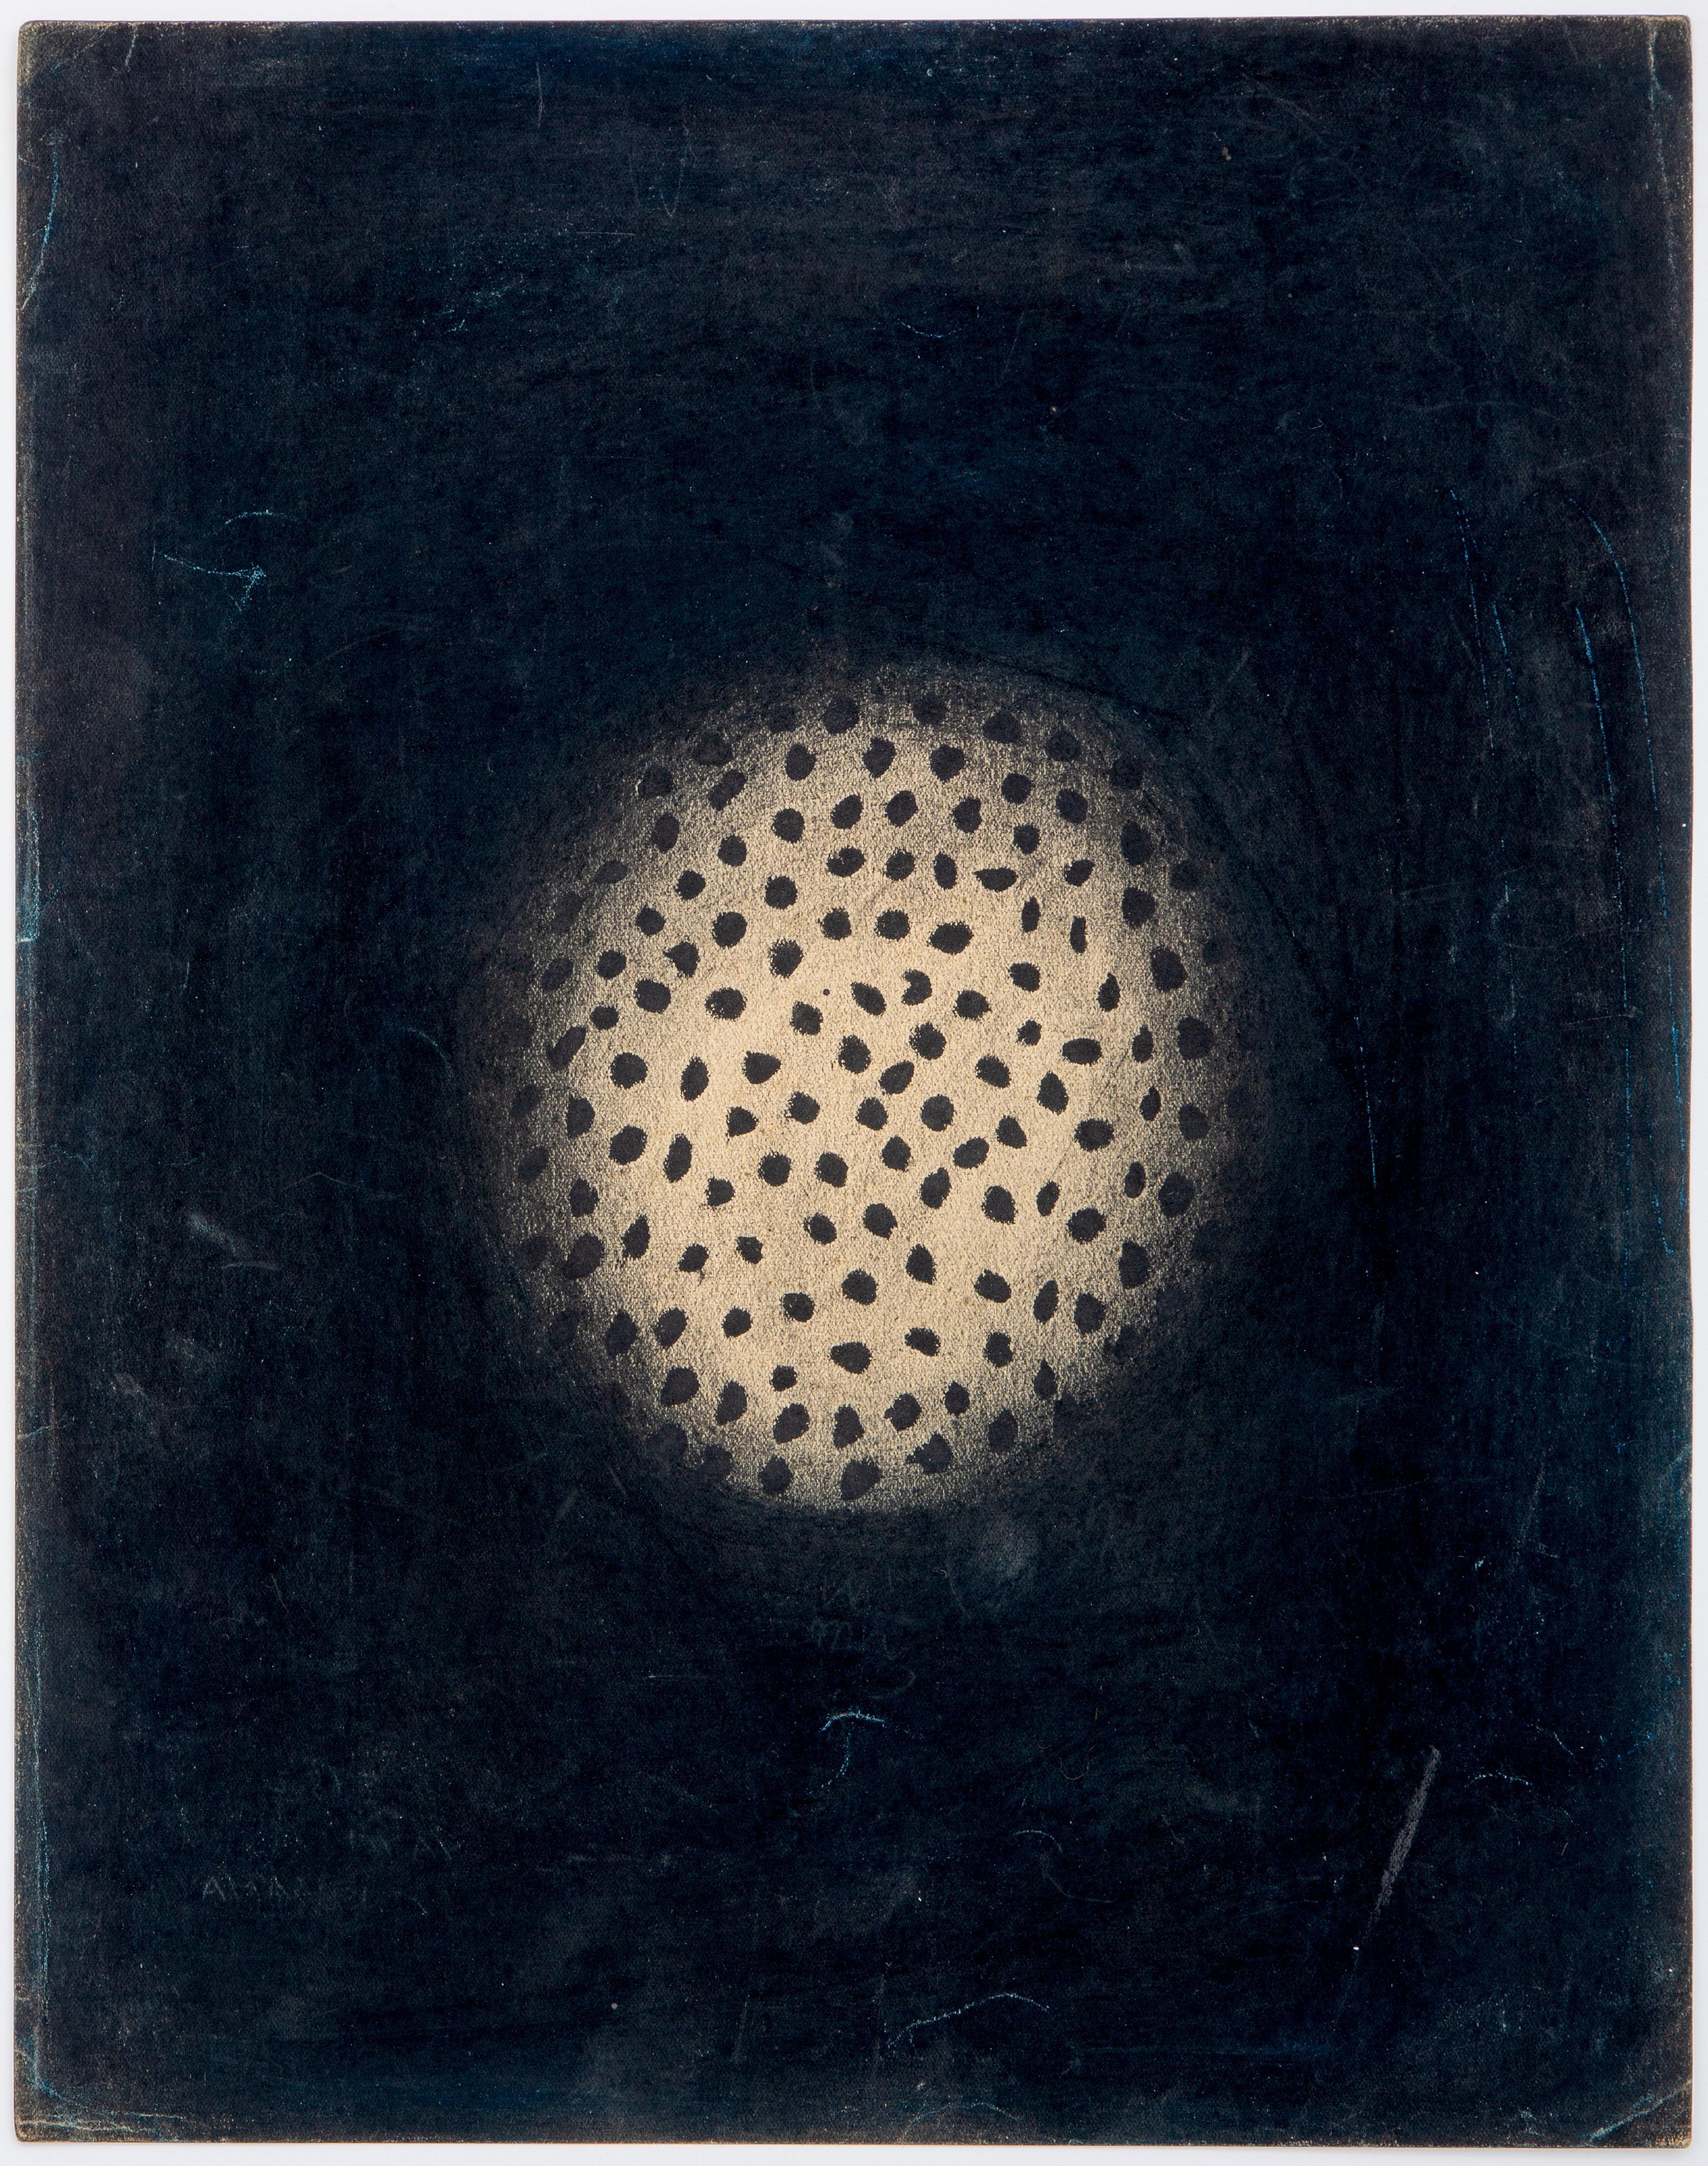 Vente Art d'après-guerre & contemporain  chez Venduehuis der Notarissen te 's-Gravenhage : 103 lots